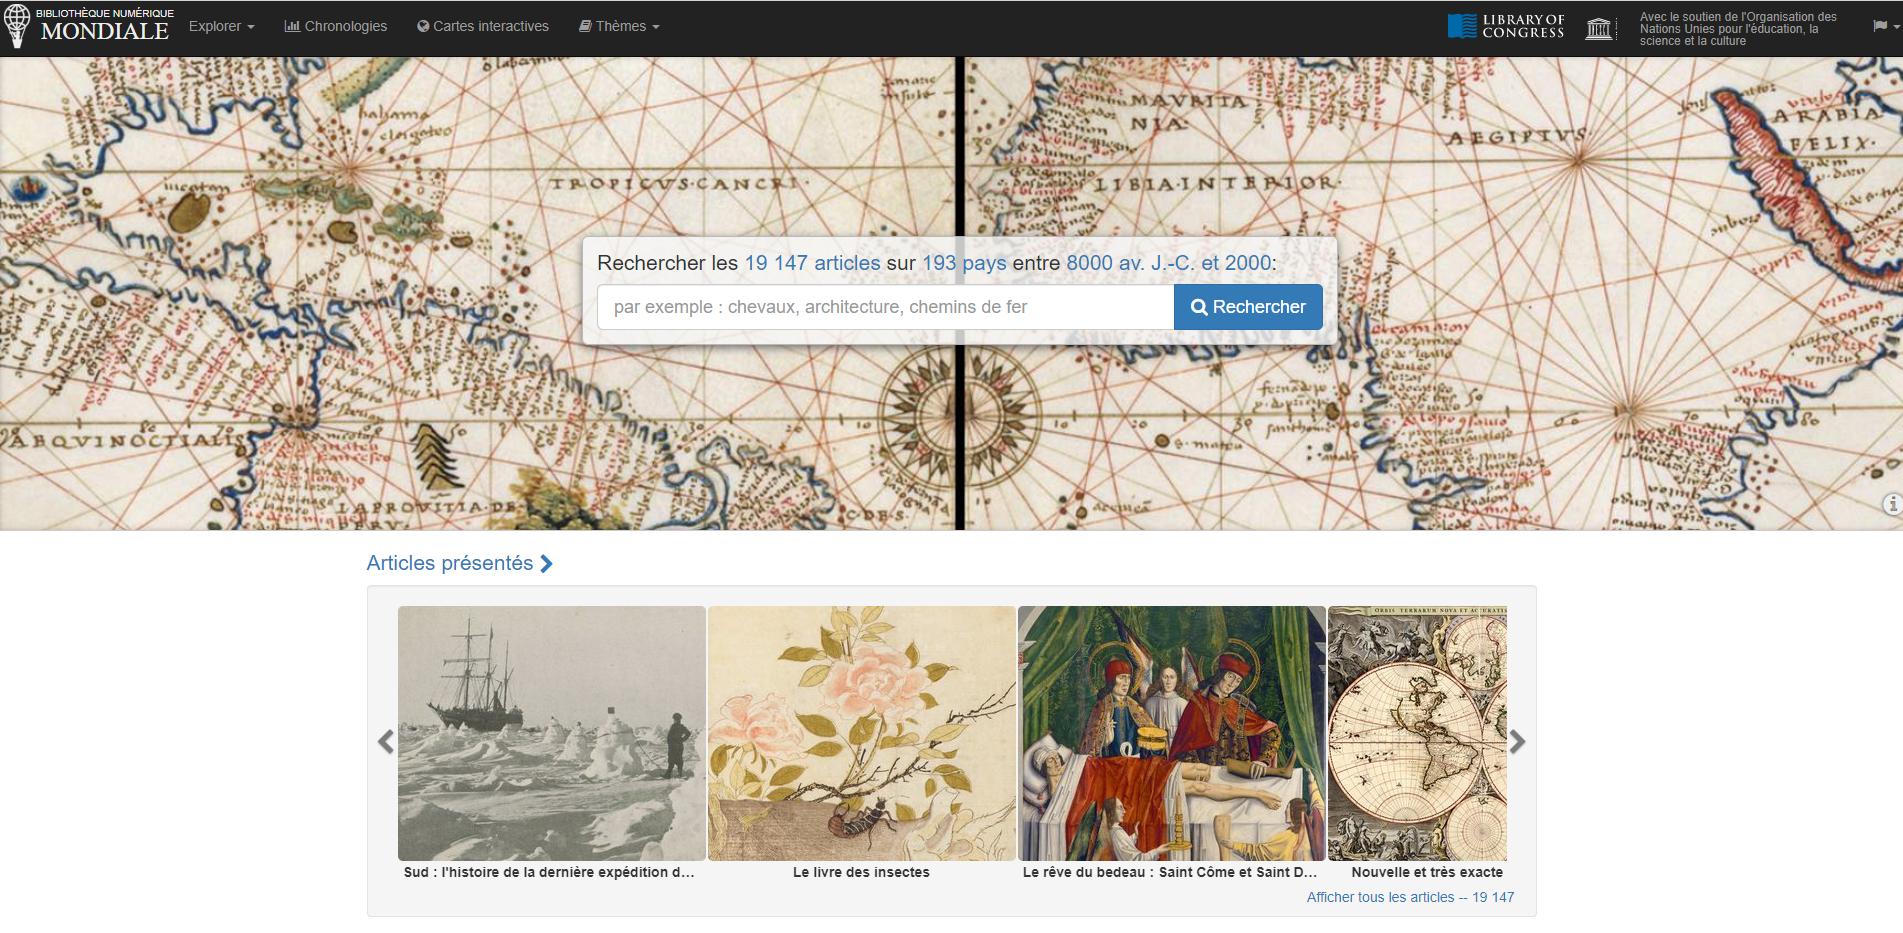 La Bibliothèque numérique mondiale